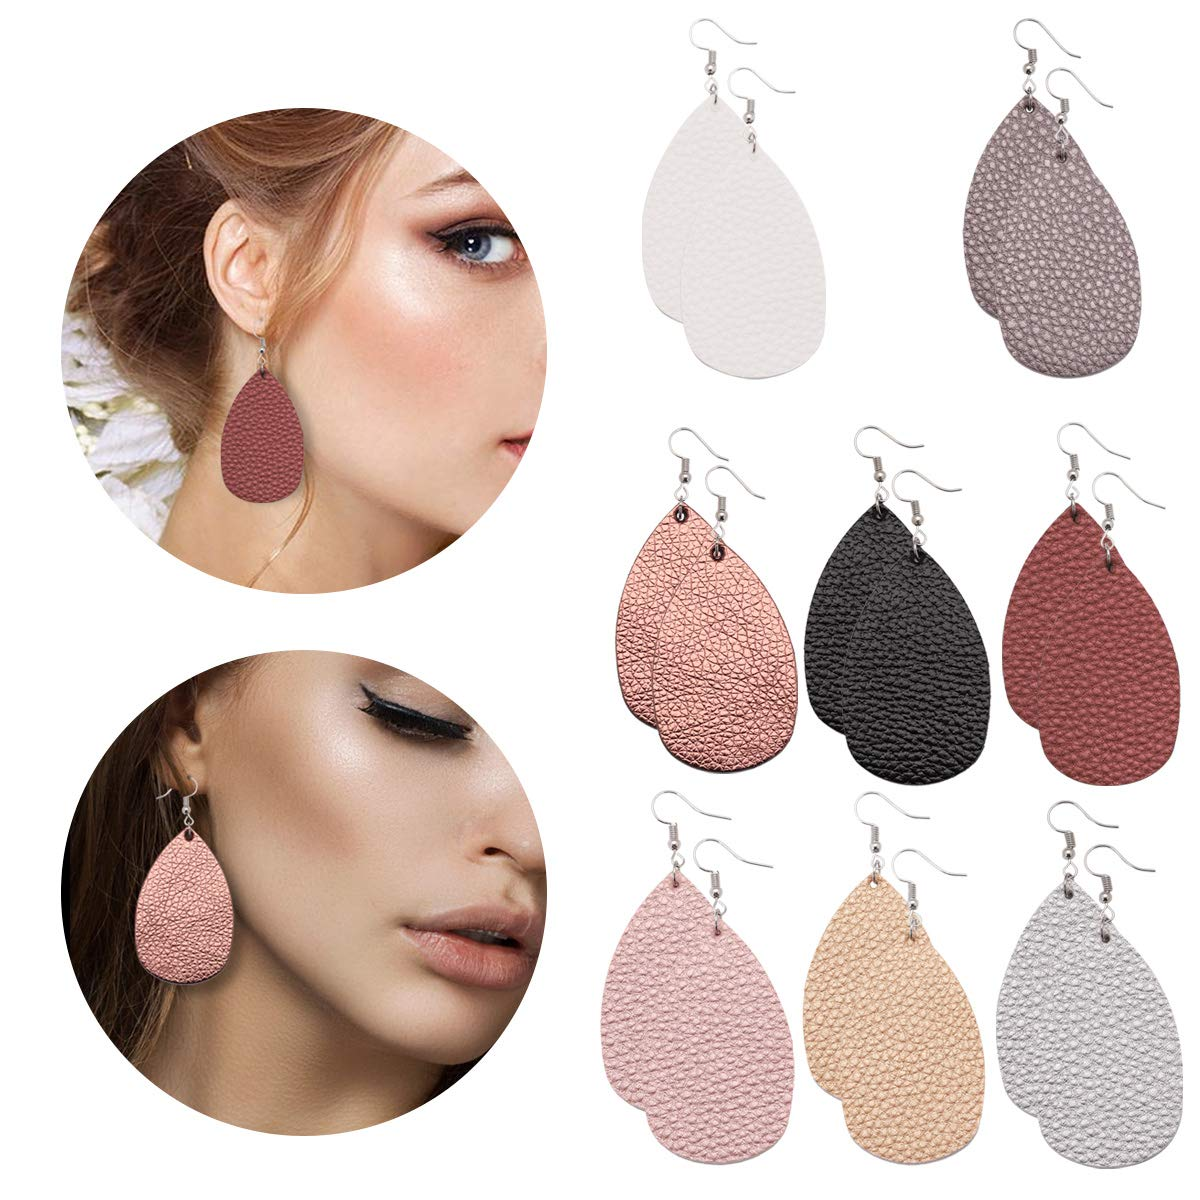 Leather Earrings Lightweight Faux Leather Leaf Earrings Teardrop Dangle Handmade for Women Girls 8 Pairs